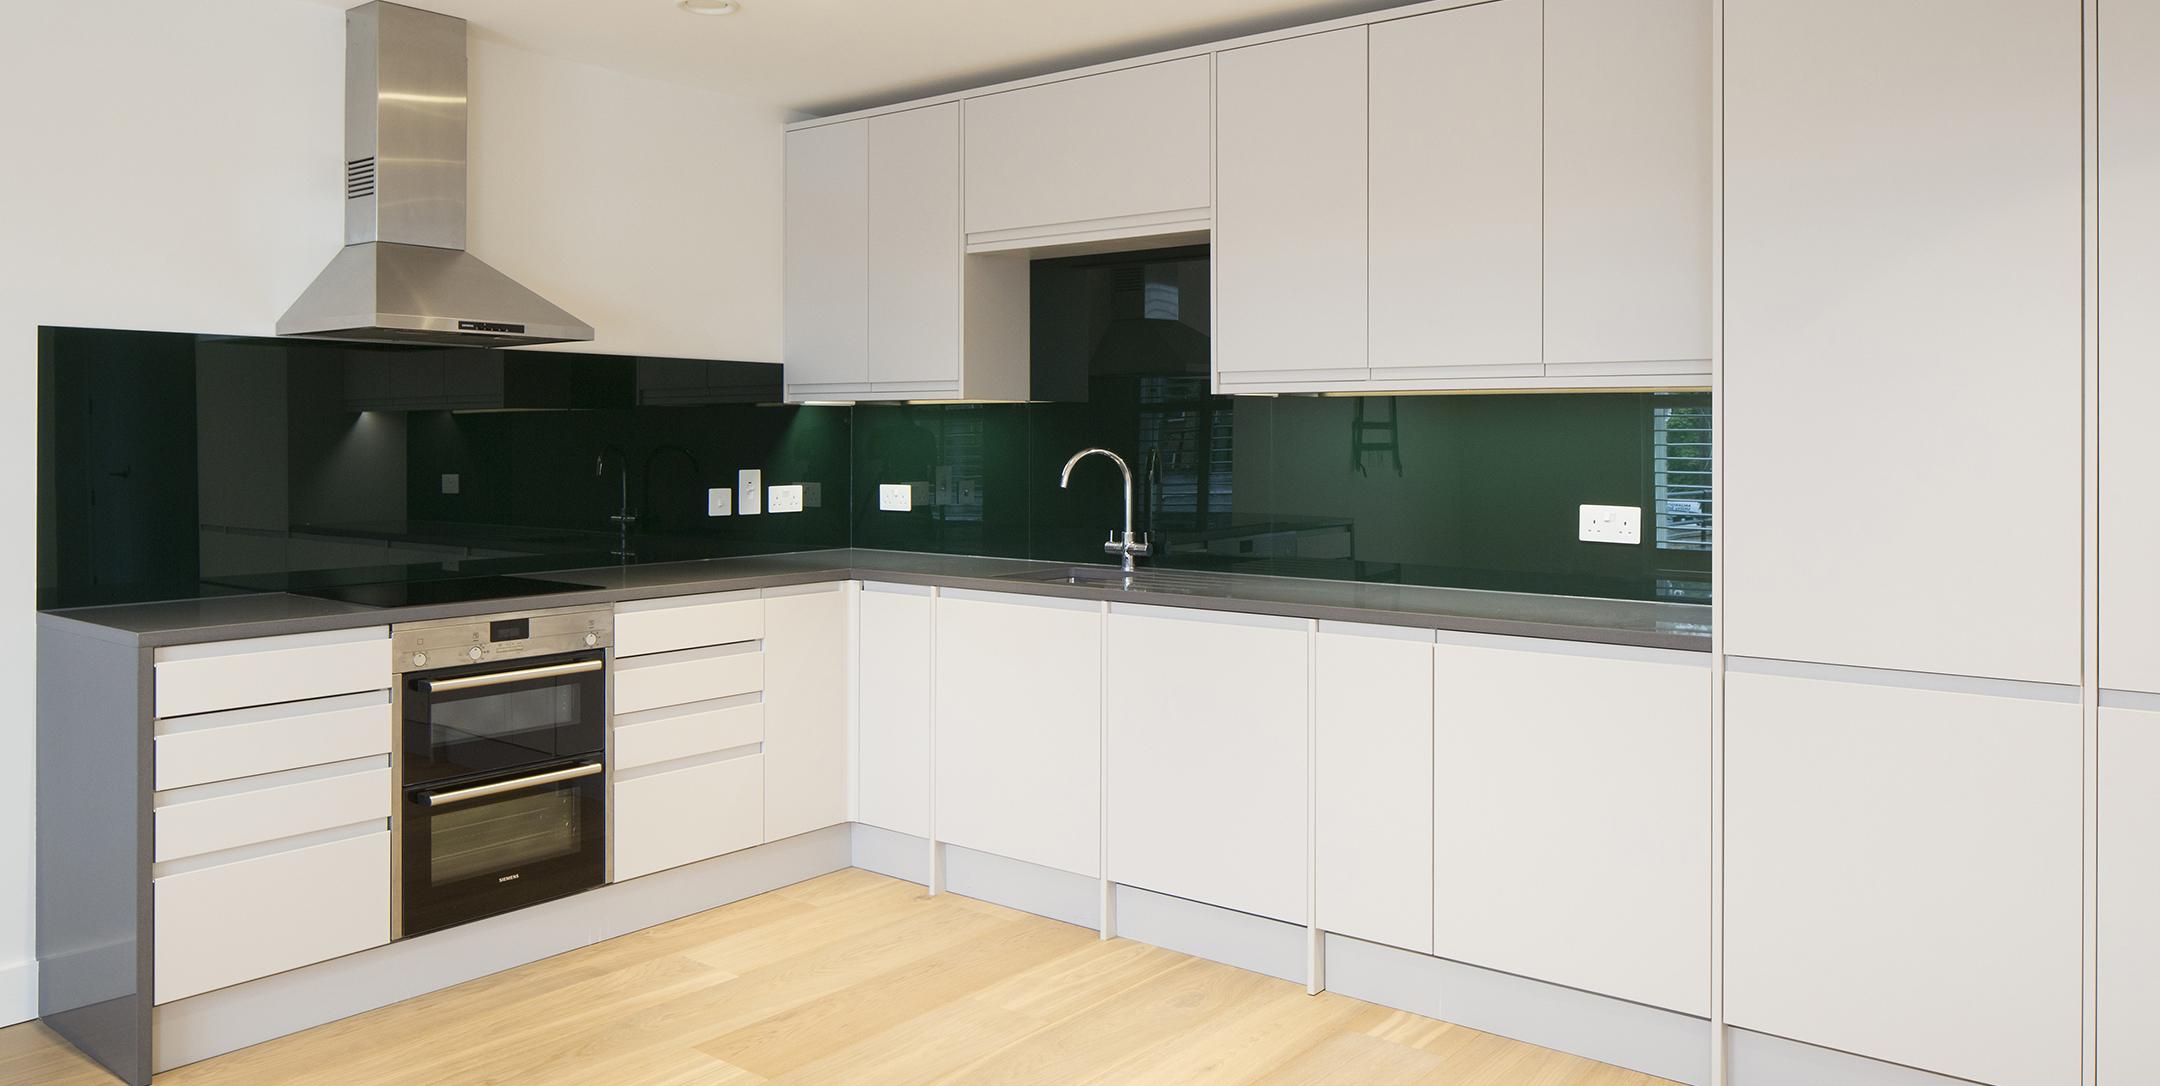 Home Refurbishments Wimbledon - Ashville Inc